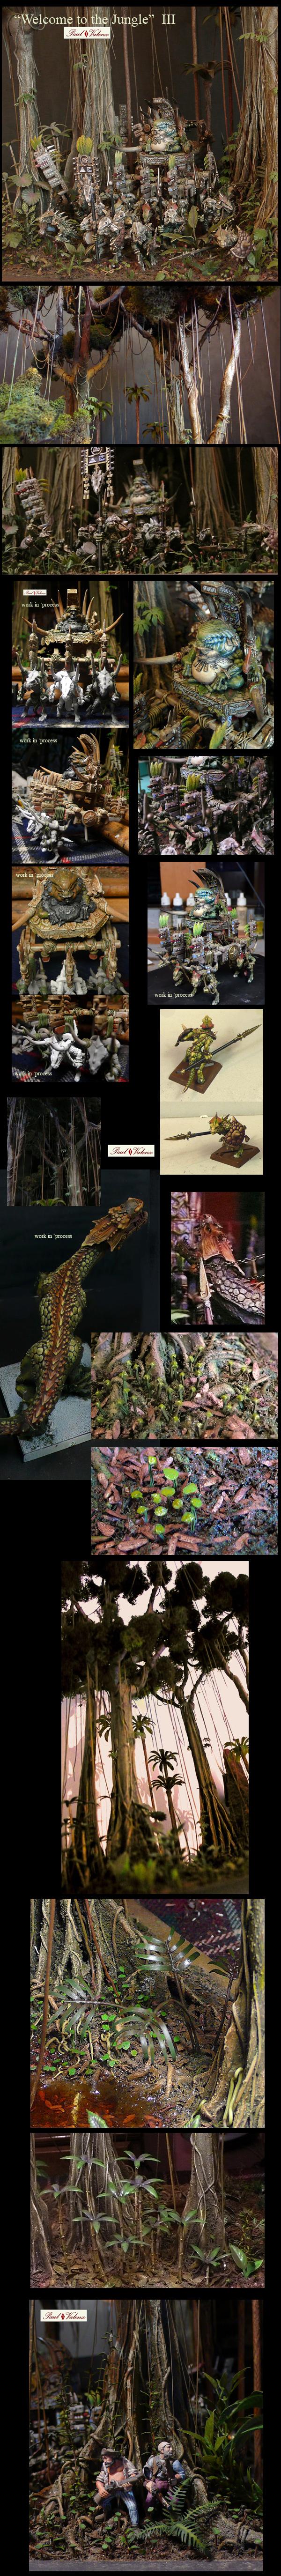 bienvenu dans la jungle par Paul Valenx ( impréssionnant ) F07b92cae46489463c9d858e4247a78bo